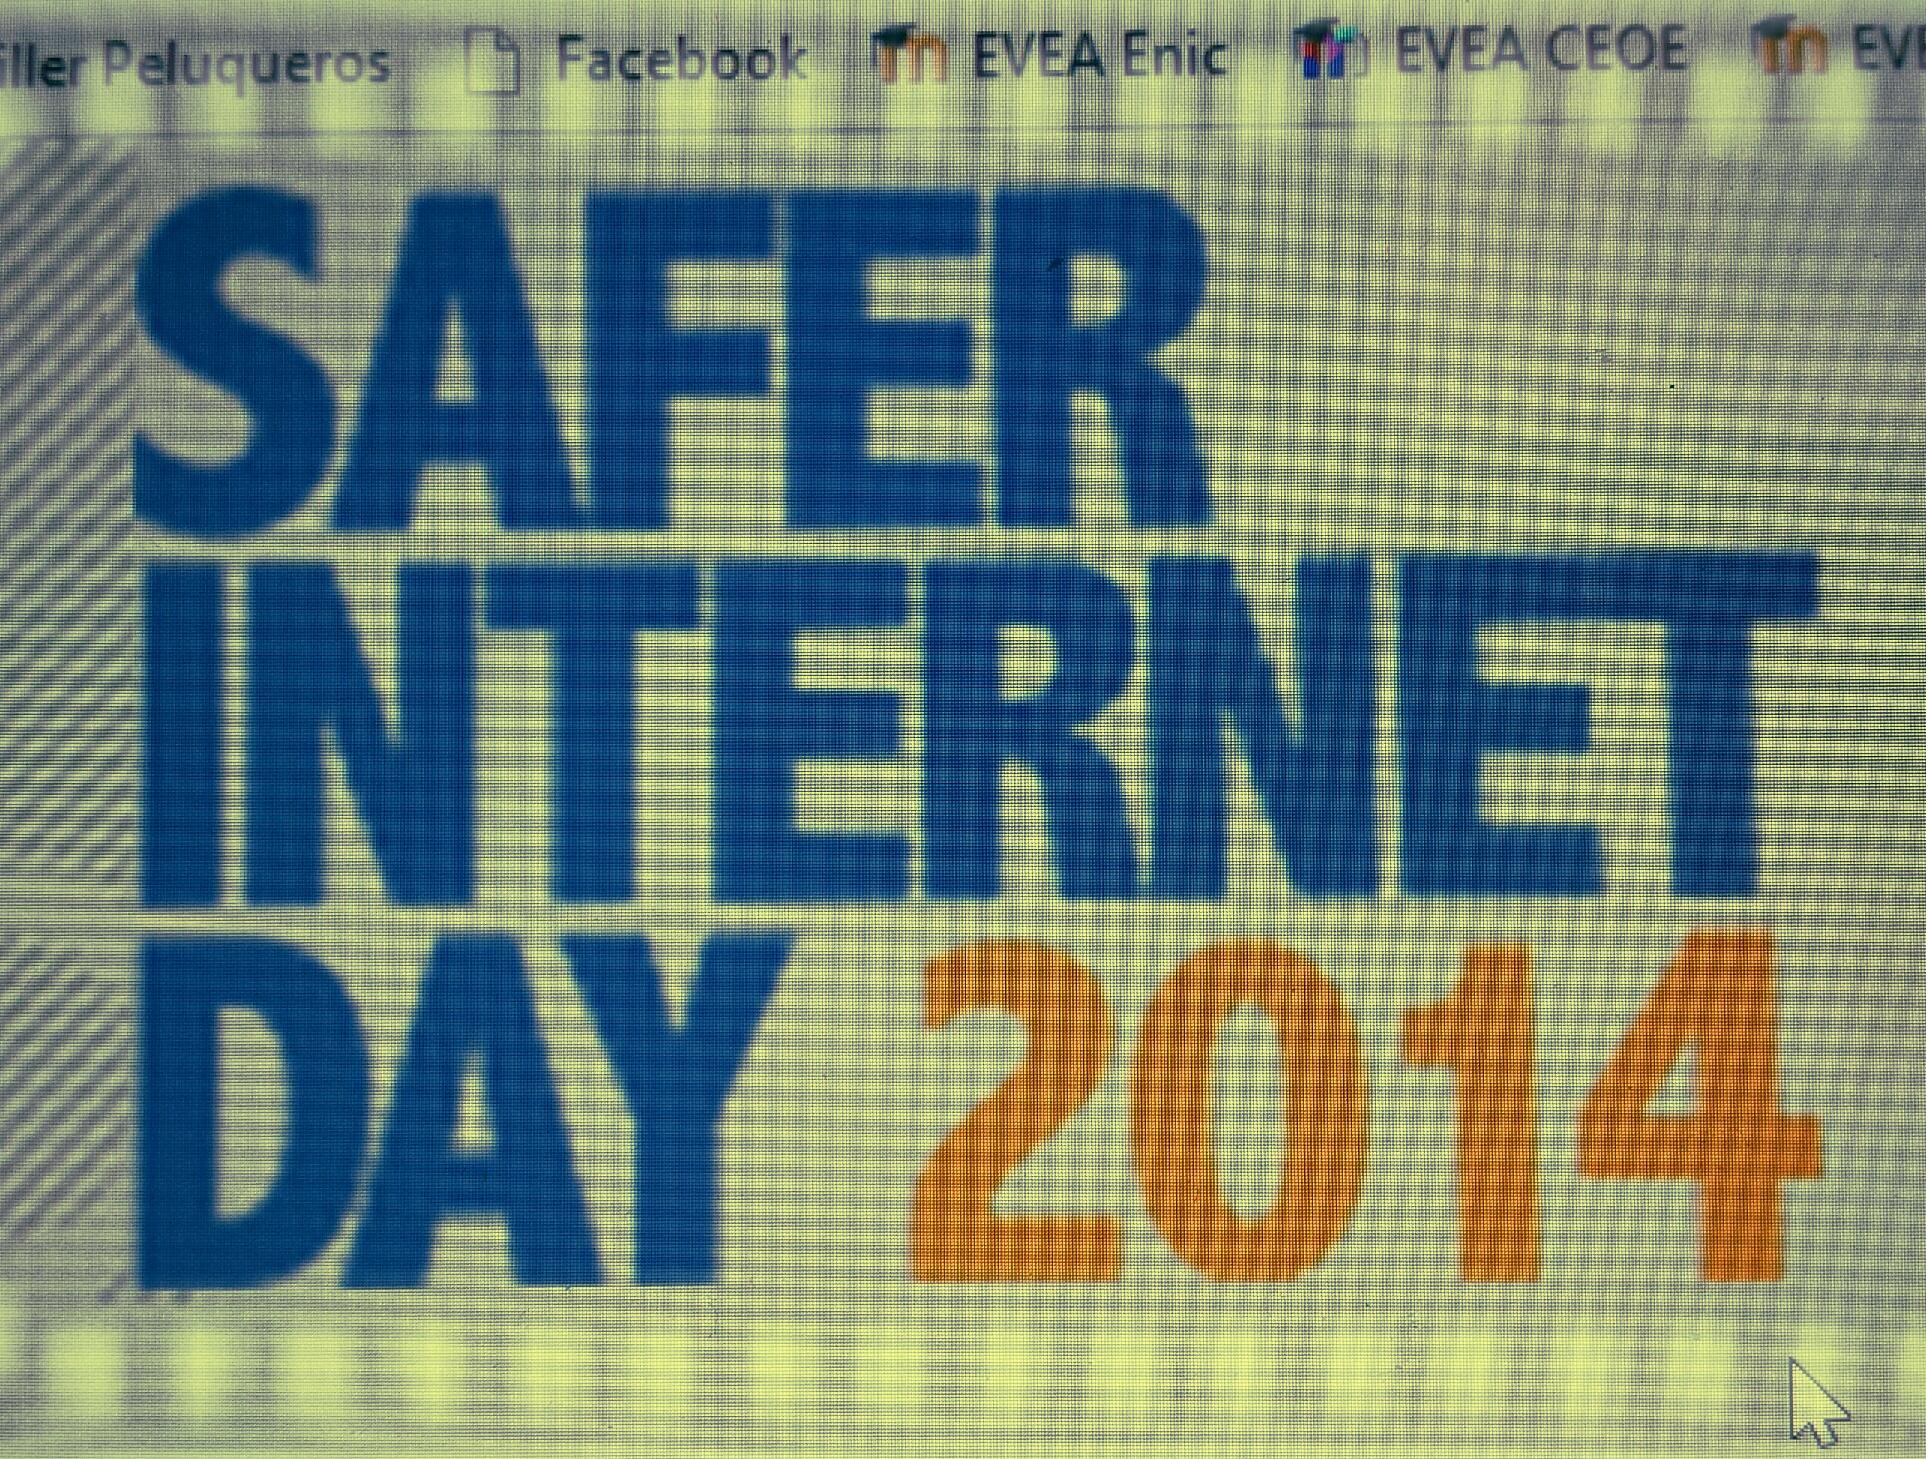 Internet seguro. Educar y concienciar frente a controlar y fiscalizar.